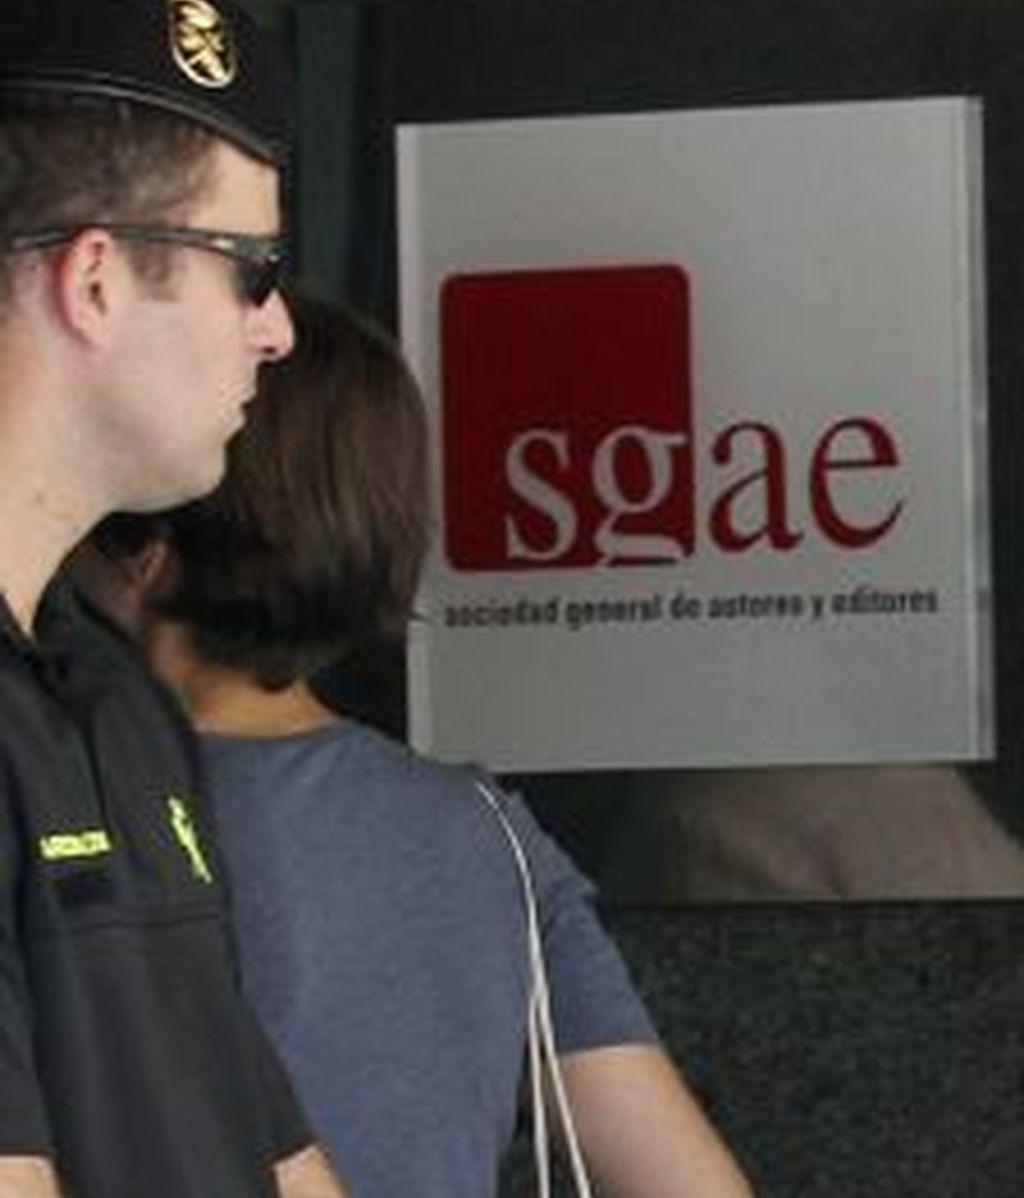 La SGAE anuncia que tomará medidas legales. Foto: Reuters.